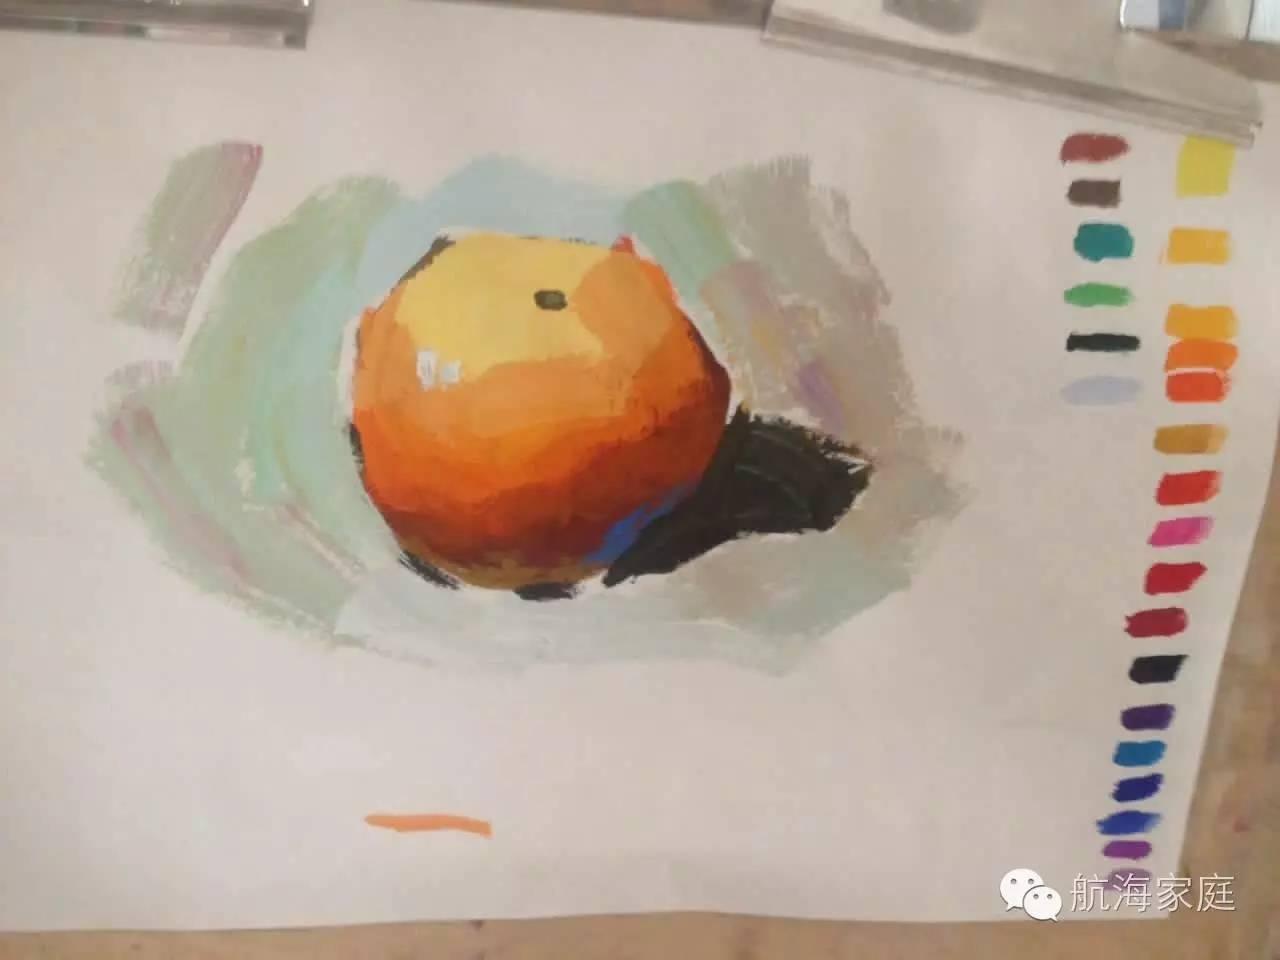 别人在上学,我在画画 8a98f6828fe461cccf0ad6b2cf84034e.jpg